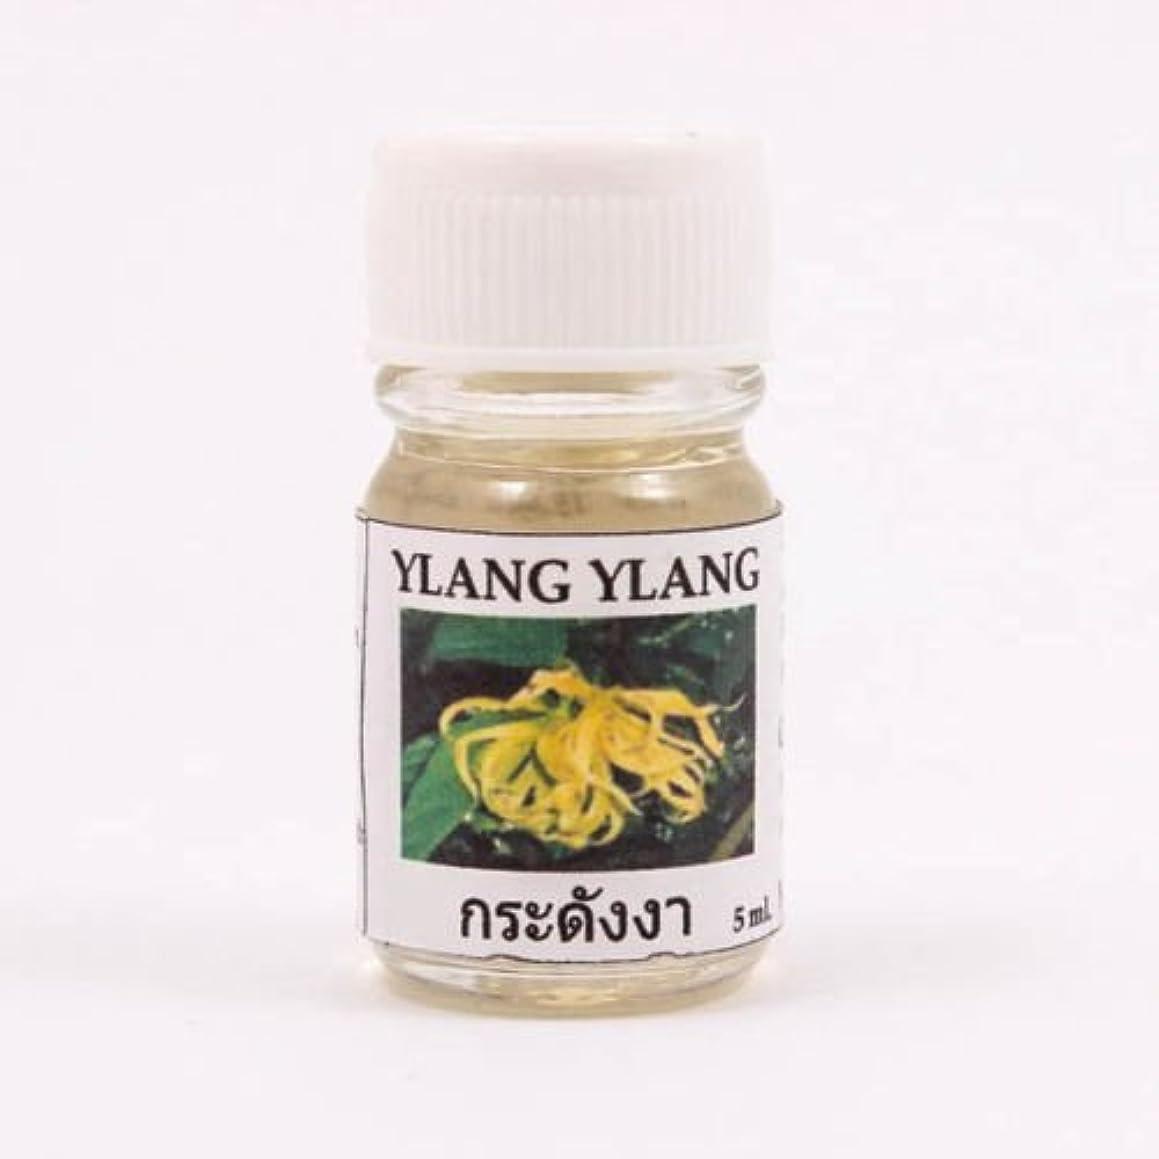 レギュラー入り口オーク6X Ylang Ylang Fragrance Essential Oil 5ML. (cc) Diffuser Burner Therapy